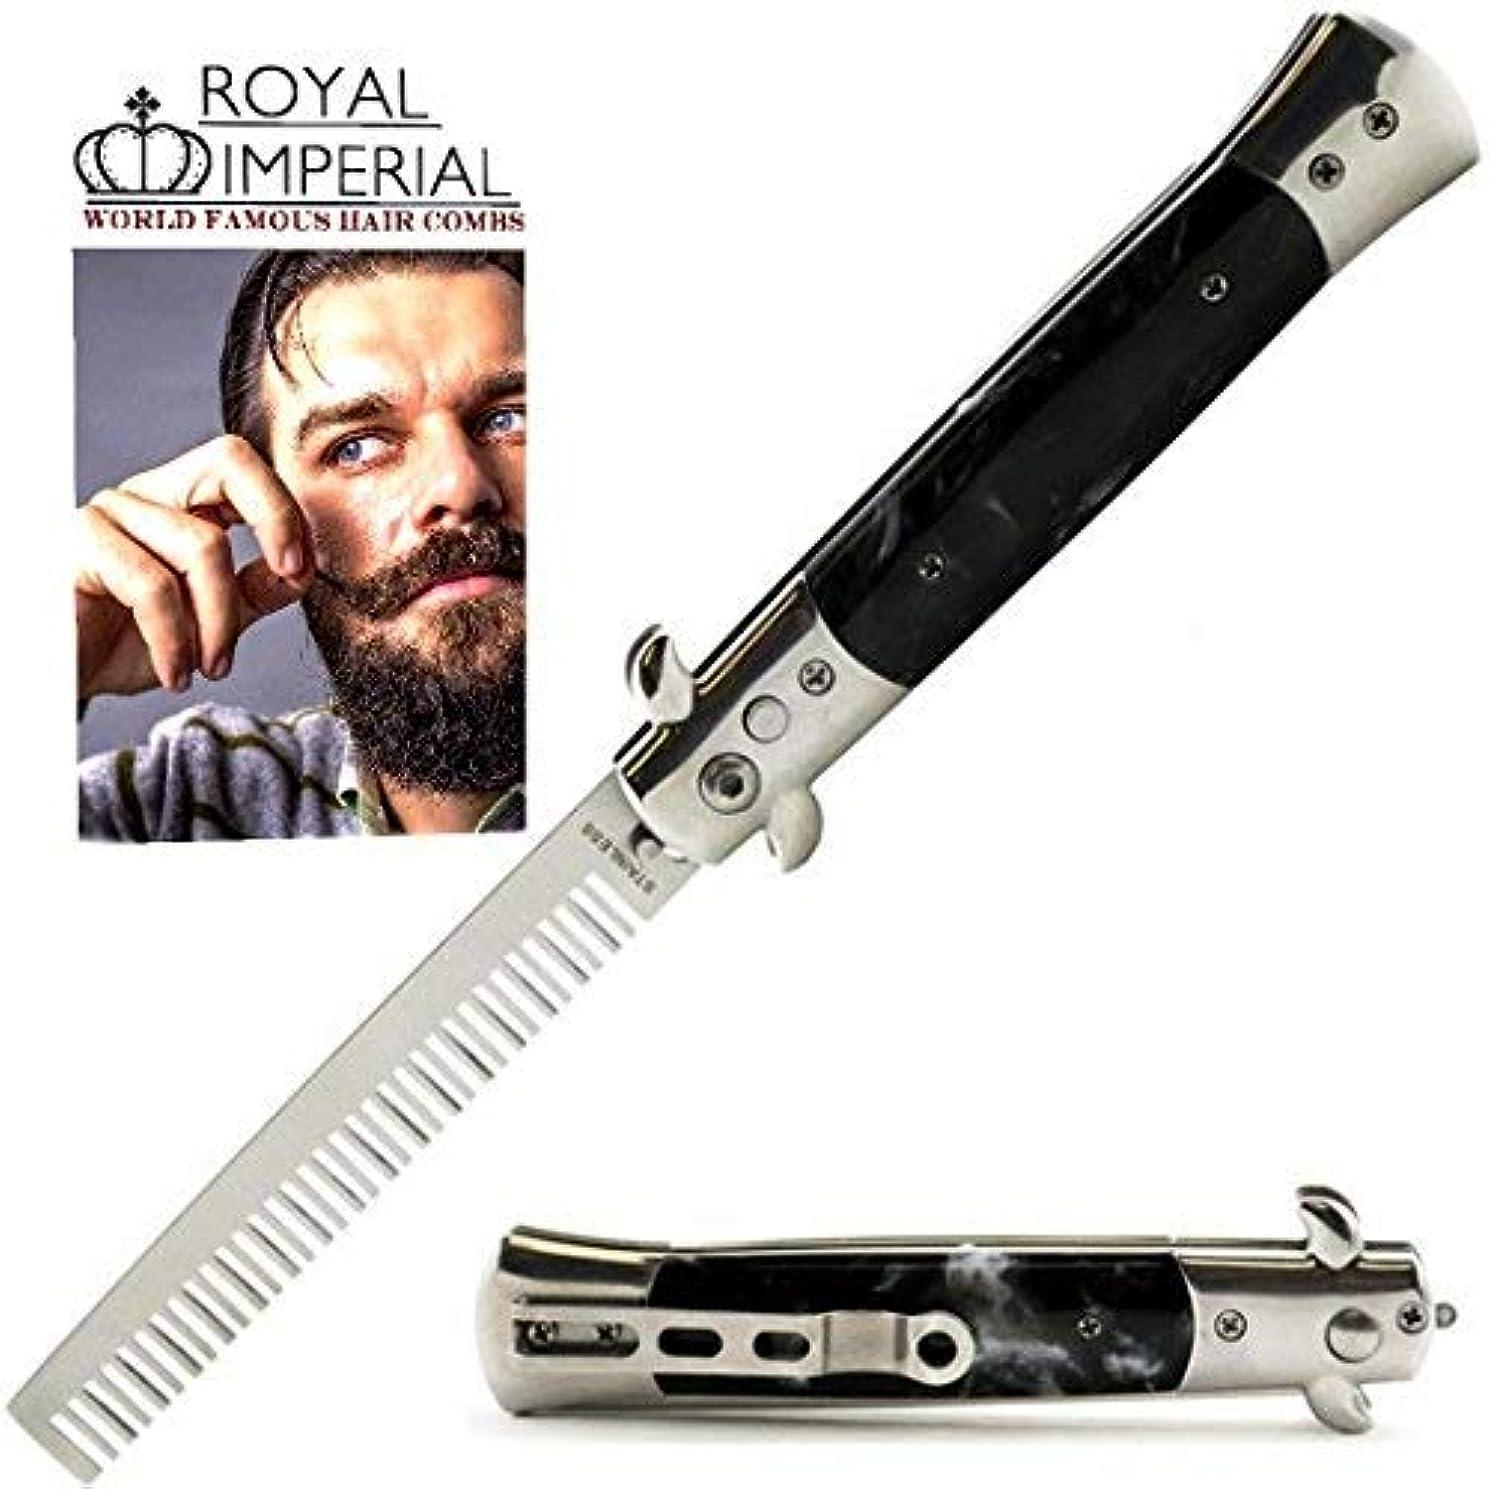 放つ覚えている楽しいRoyal Imperial Metal Switchblade Pocket Folding Flick Hair Comb For Beard, Mustache, Head Black Pearl Handle ~...